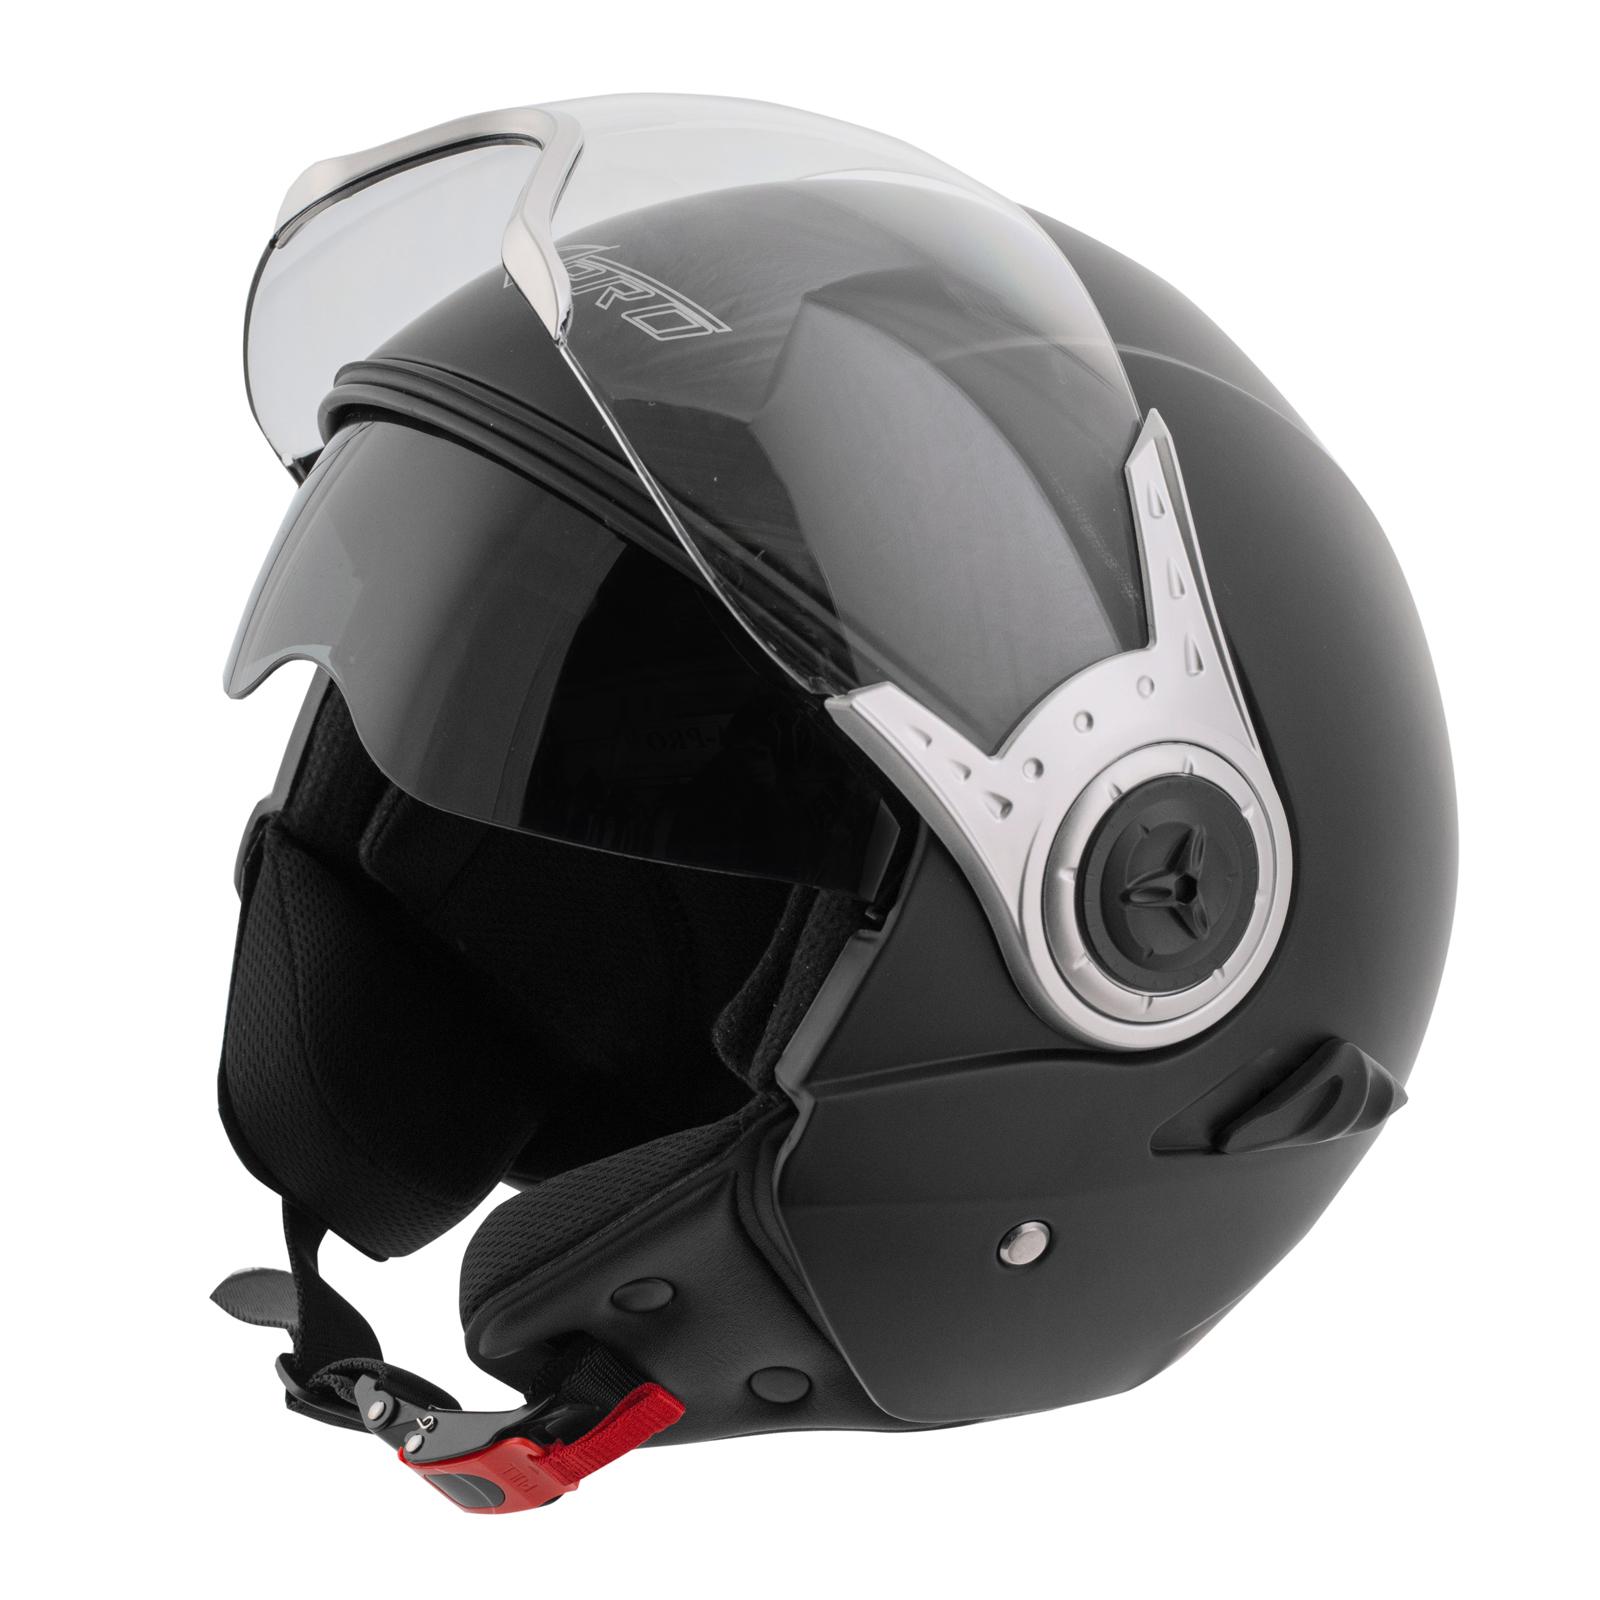 Demi-Jet-Casque-ECE-22-05-Homologation-Moto-Scooter-Visiere-Pare-Soleil